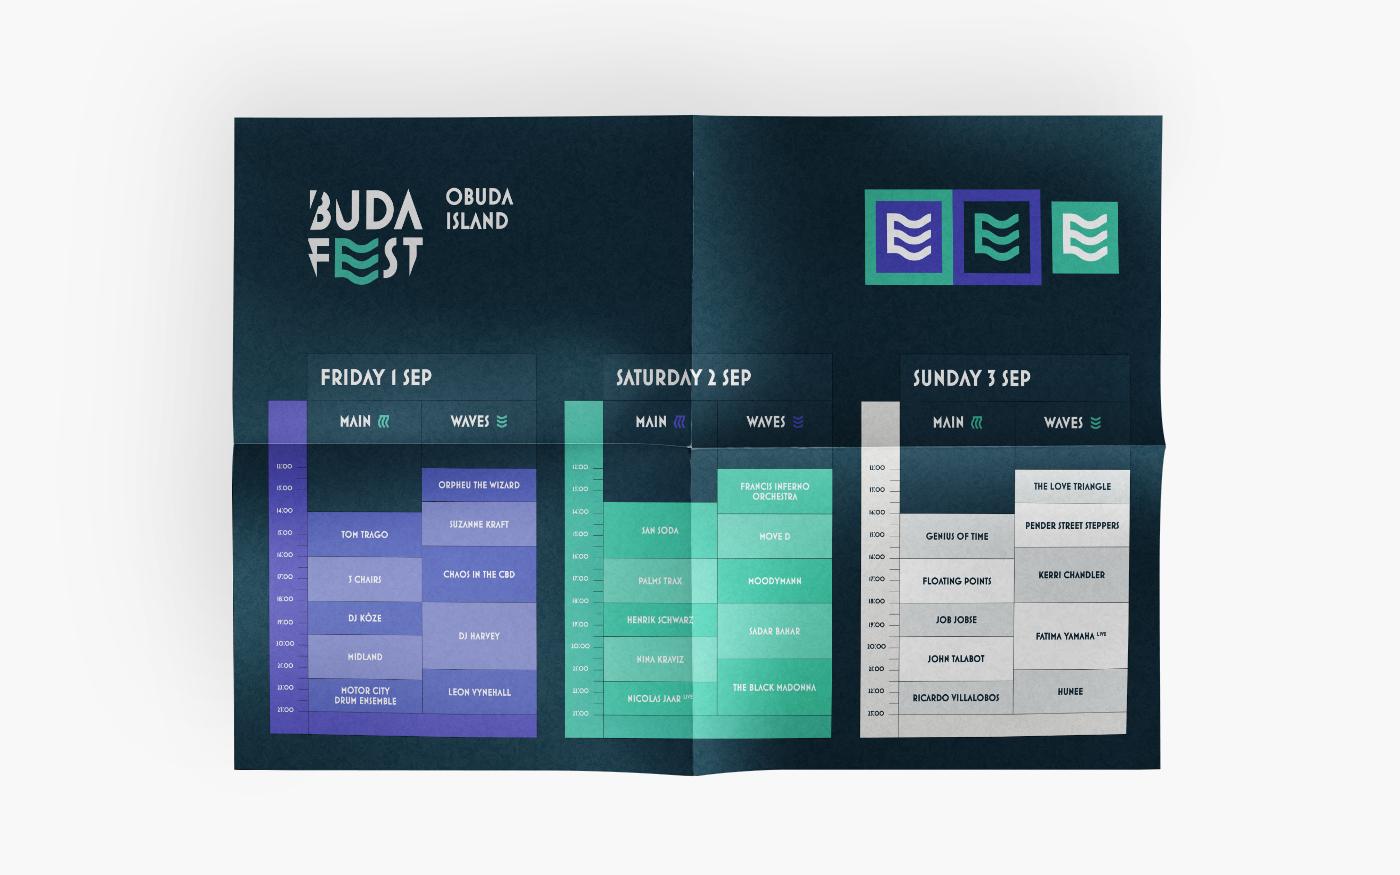 TimetableA4_Budafest_1400x875